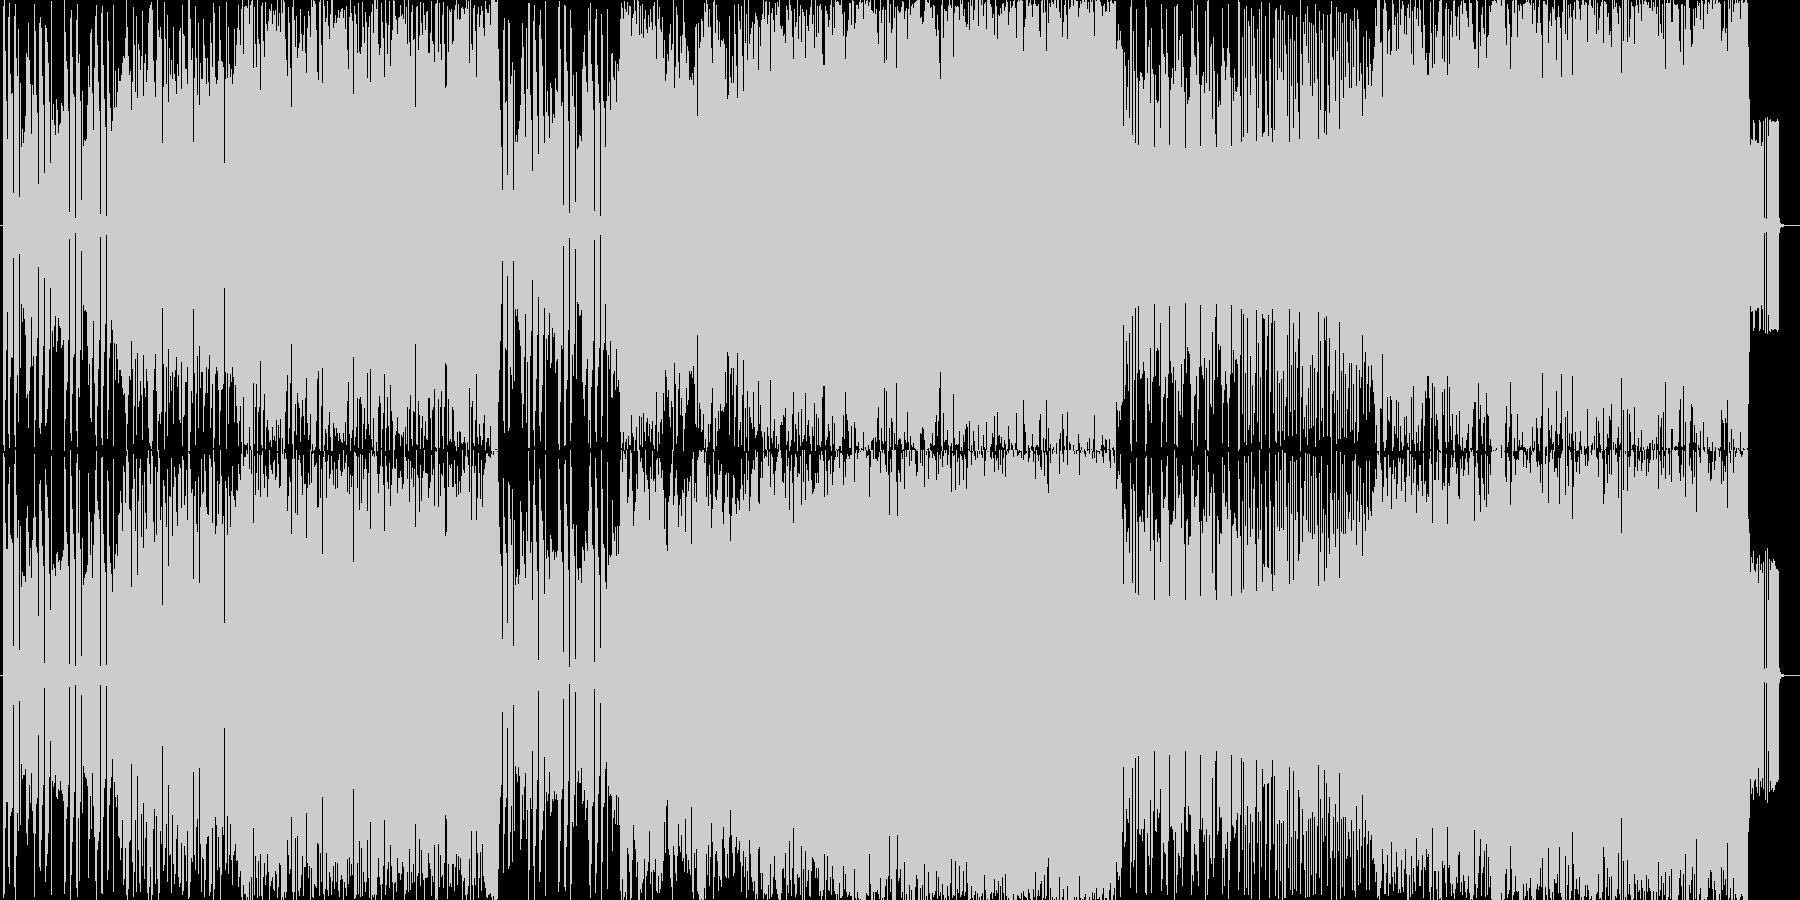 挑戦を挑まれた時の曲の未再生の波形